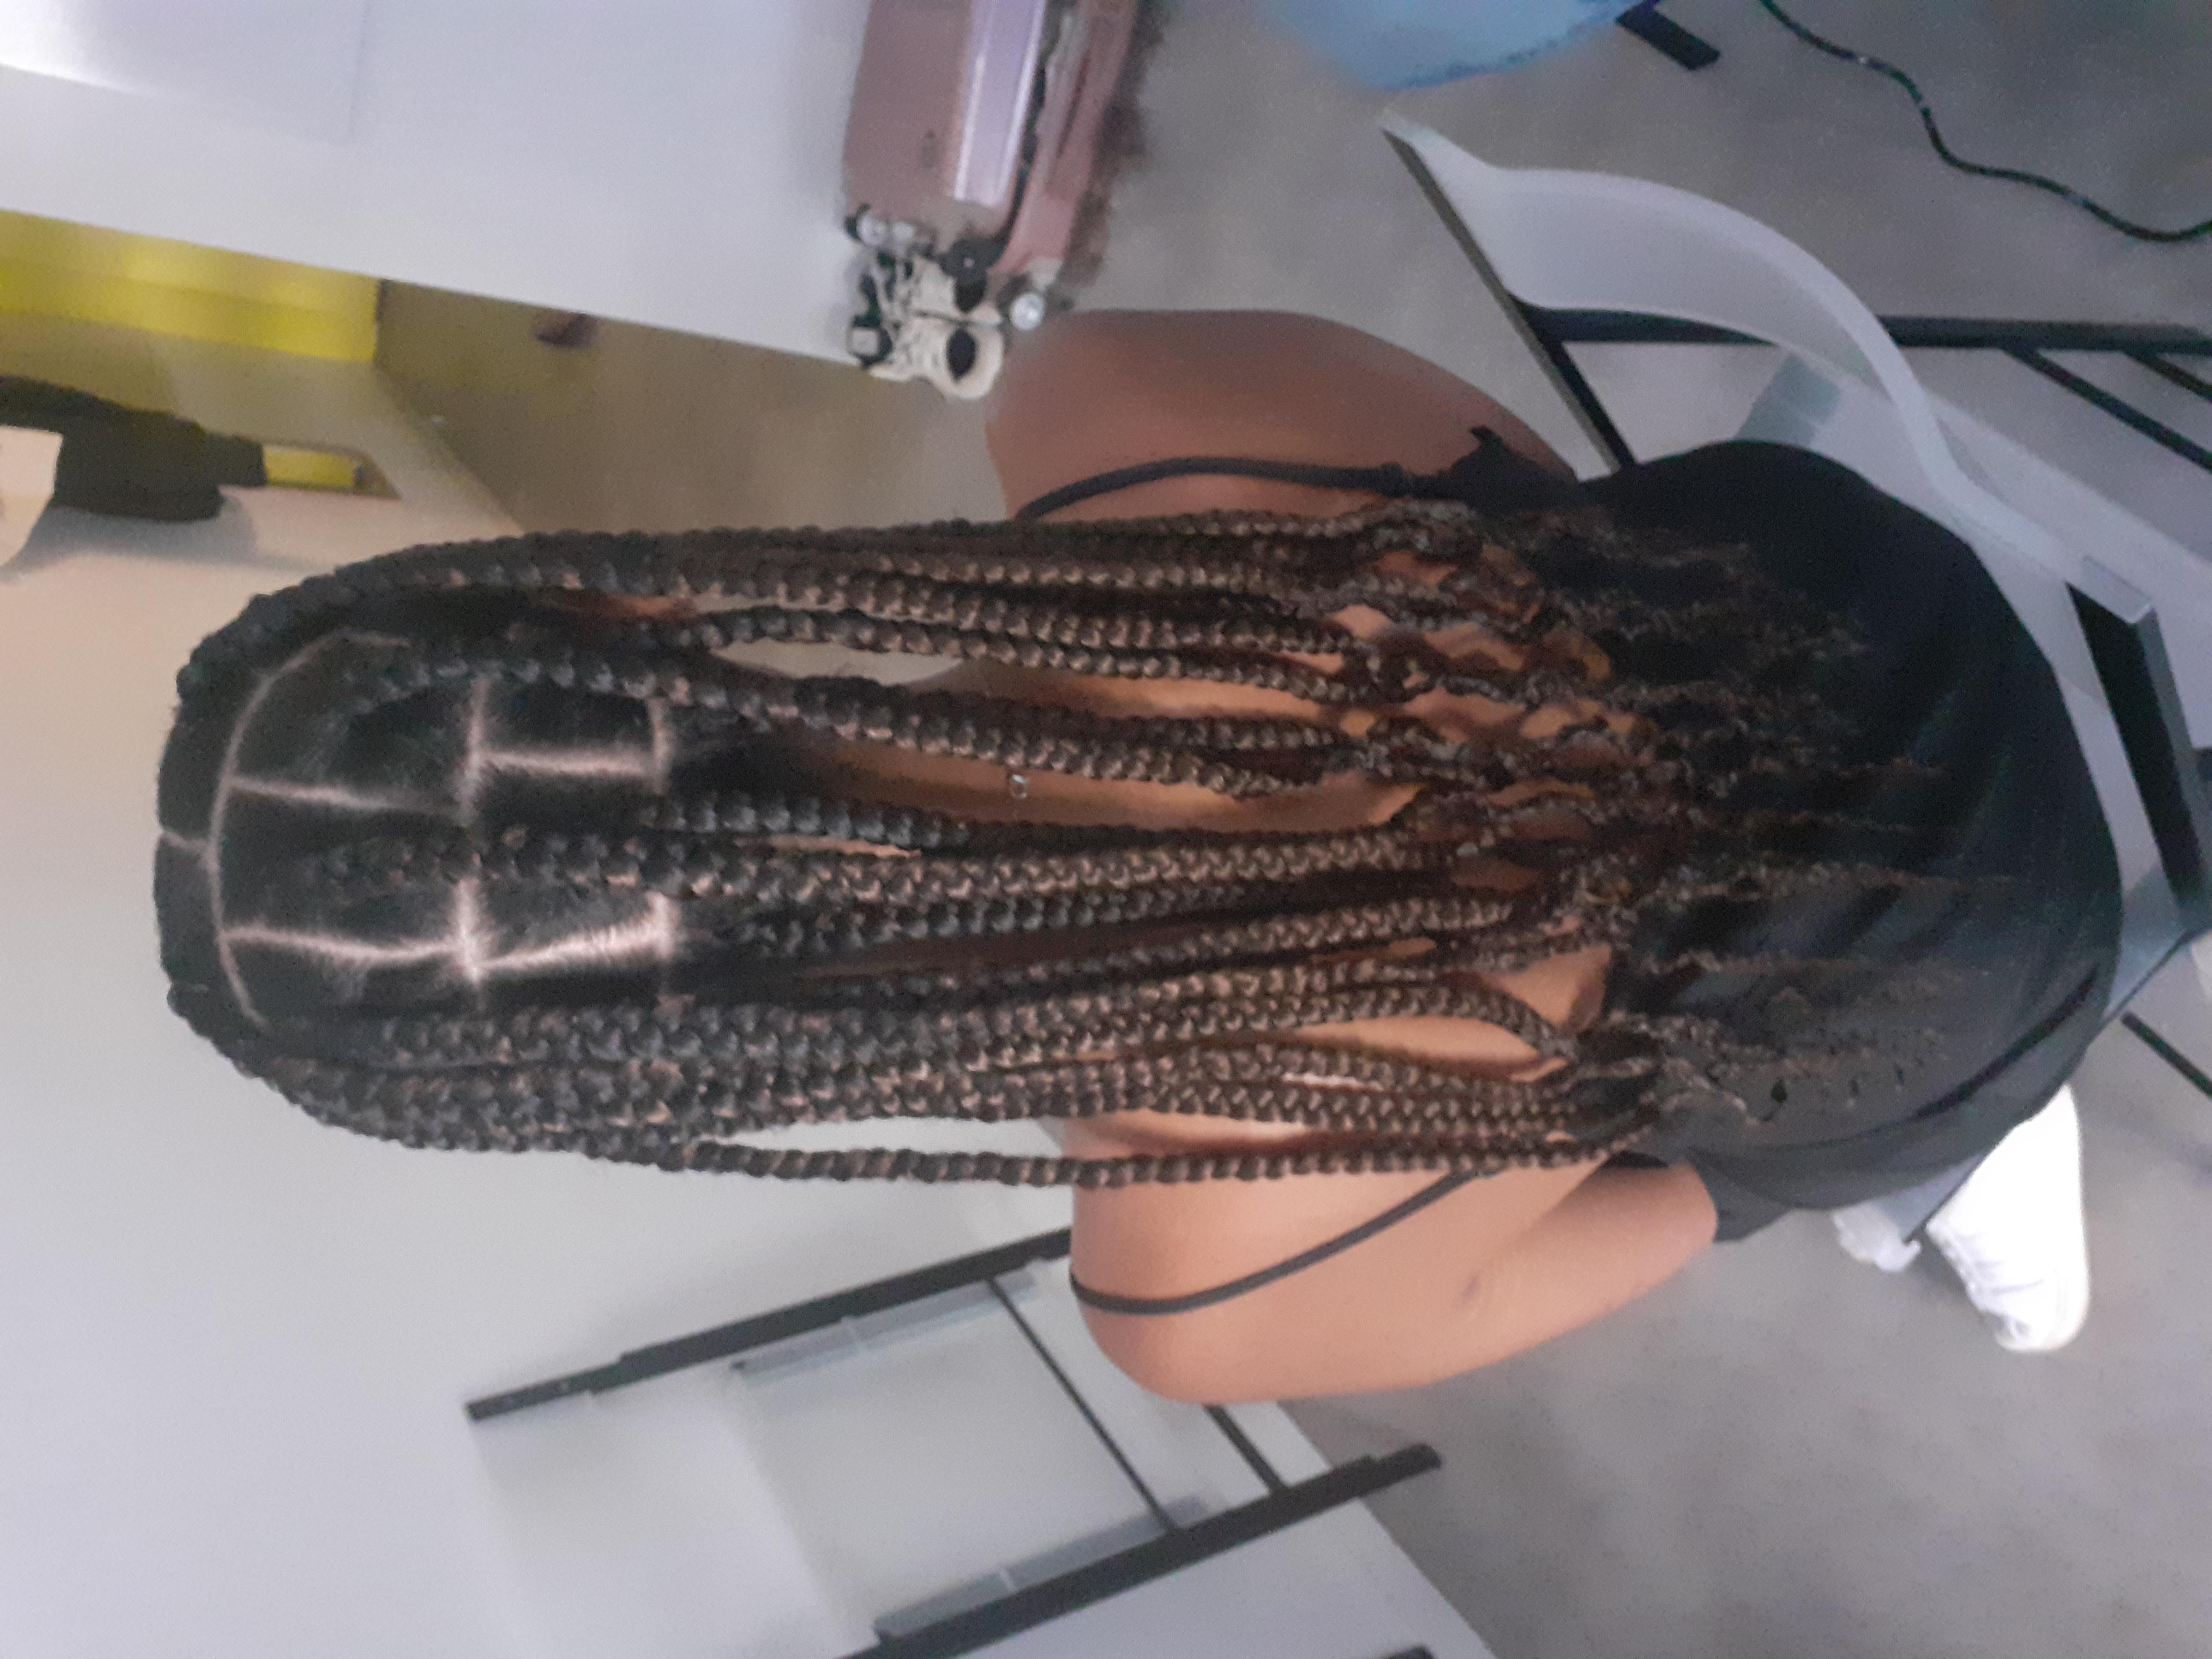 salon de coiffure afro tresse tresses box braids crochet braids vanilles tissages paris 75 77 78 91 92 93 94 95 FSHLAVYC